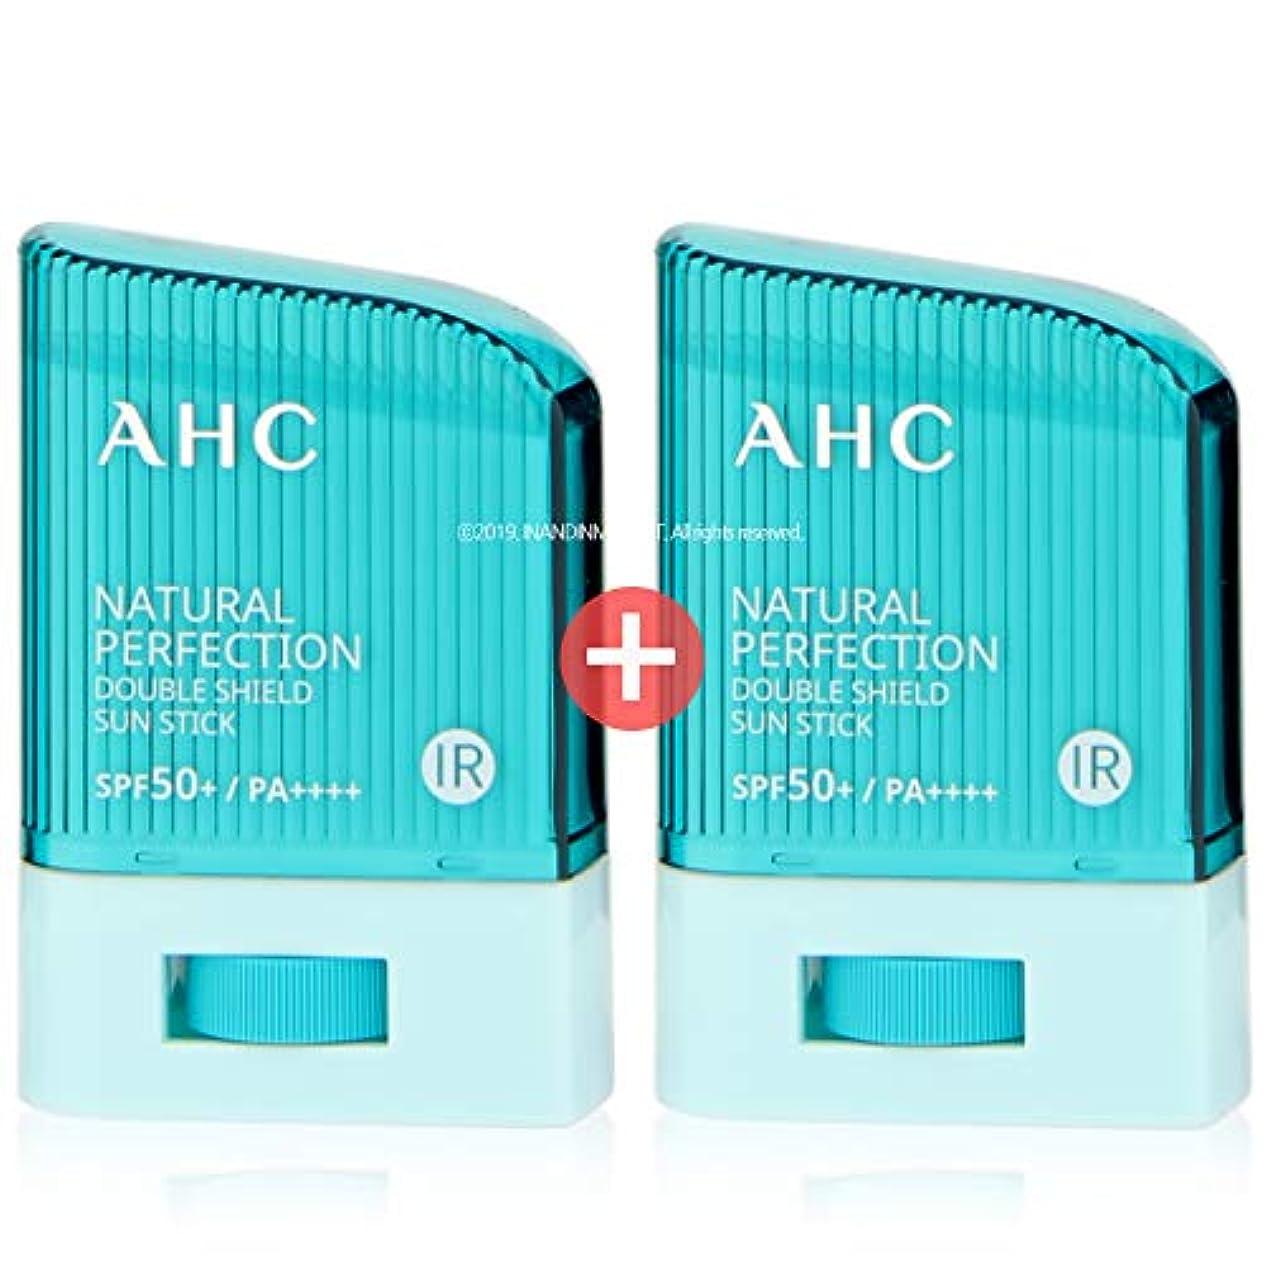 疑い現れるの間に[ 1+1 ] AHC ナチュラルパーフェクションダブルシールドサンスティック 14g, Natural Perfection Double Shield Sun Stick SPF50+ PA++++